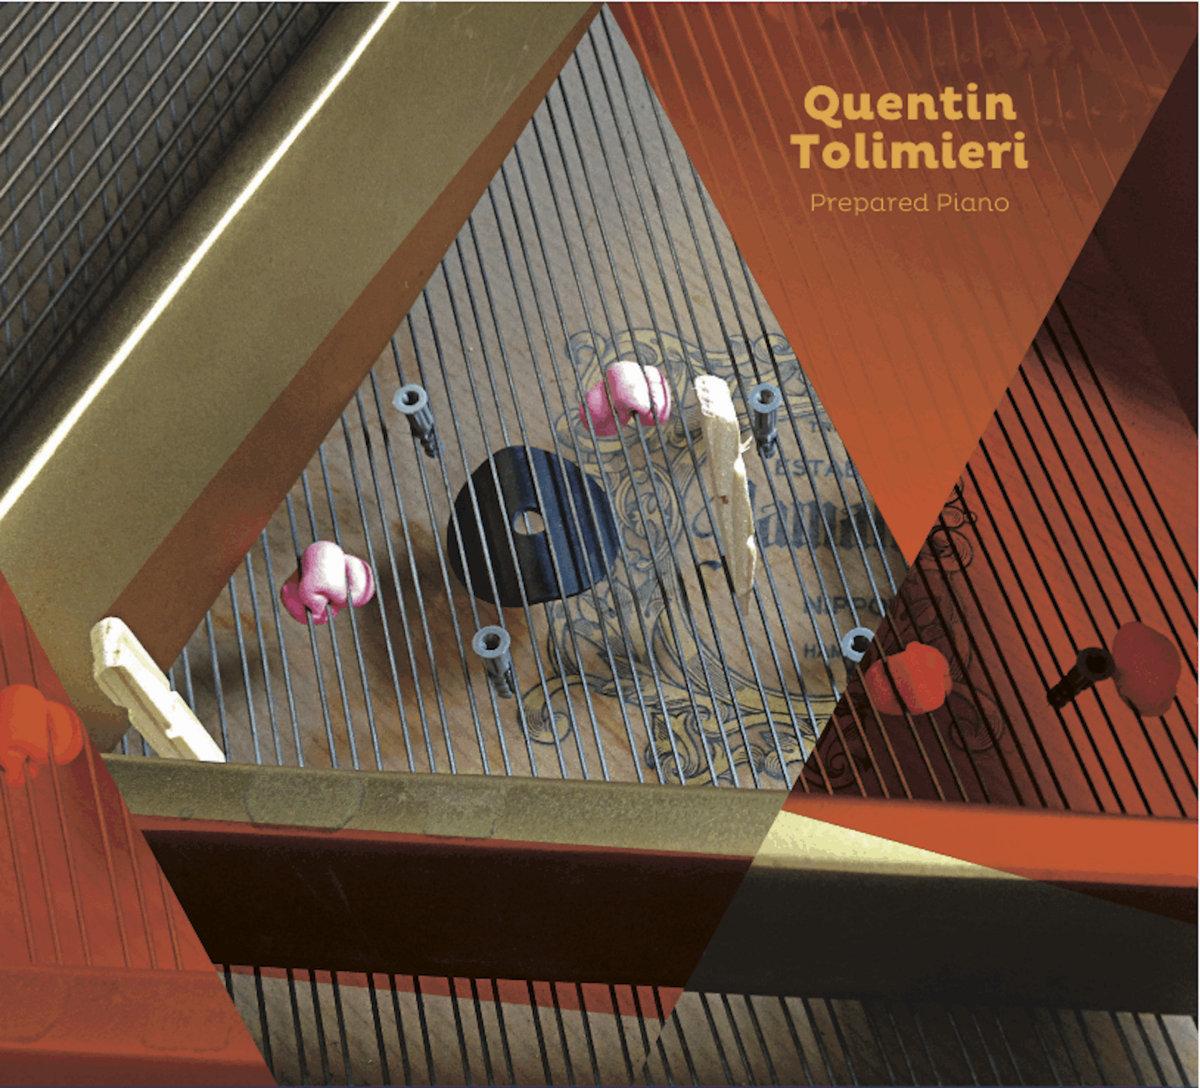 Prepared Piano | Quentin Tolimieri